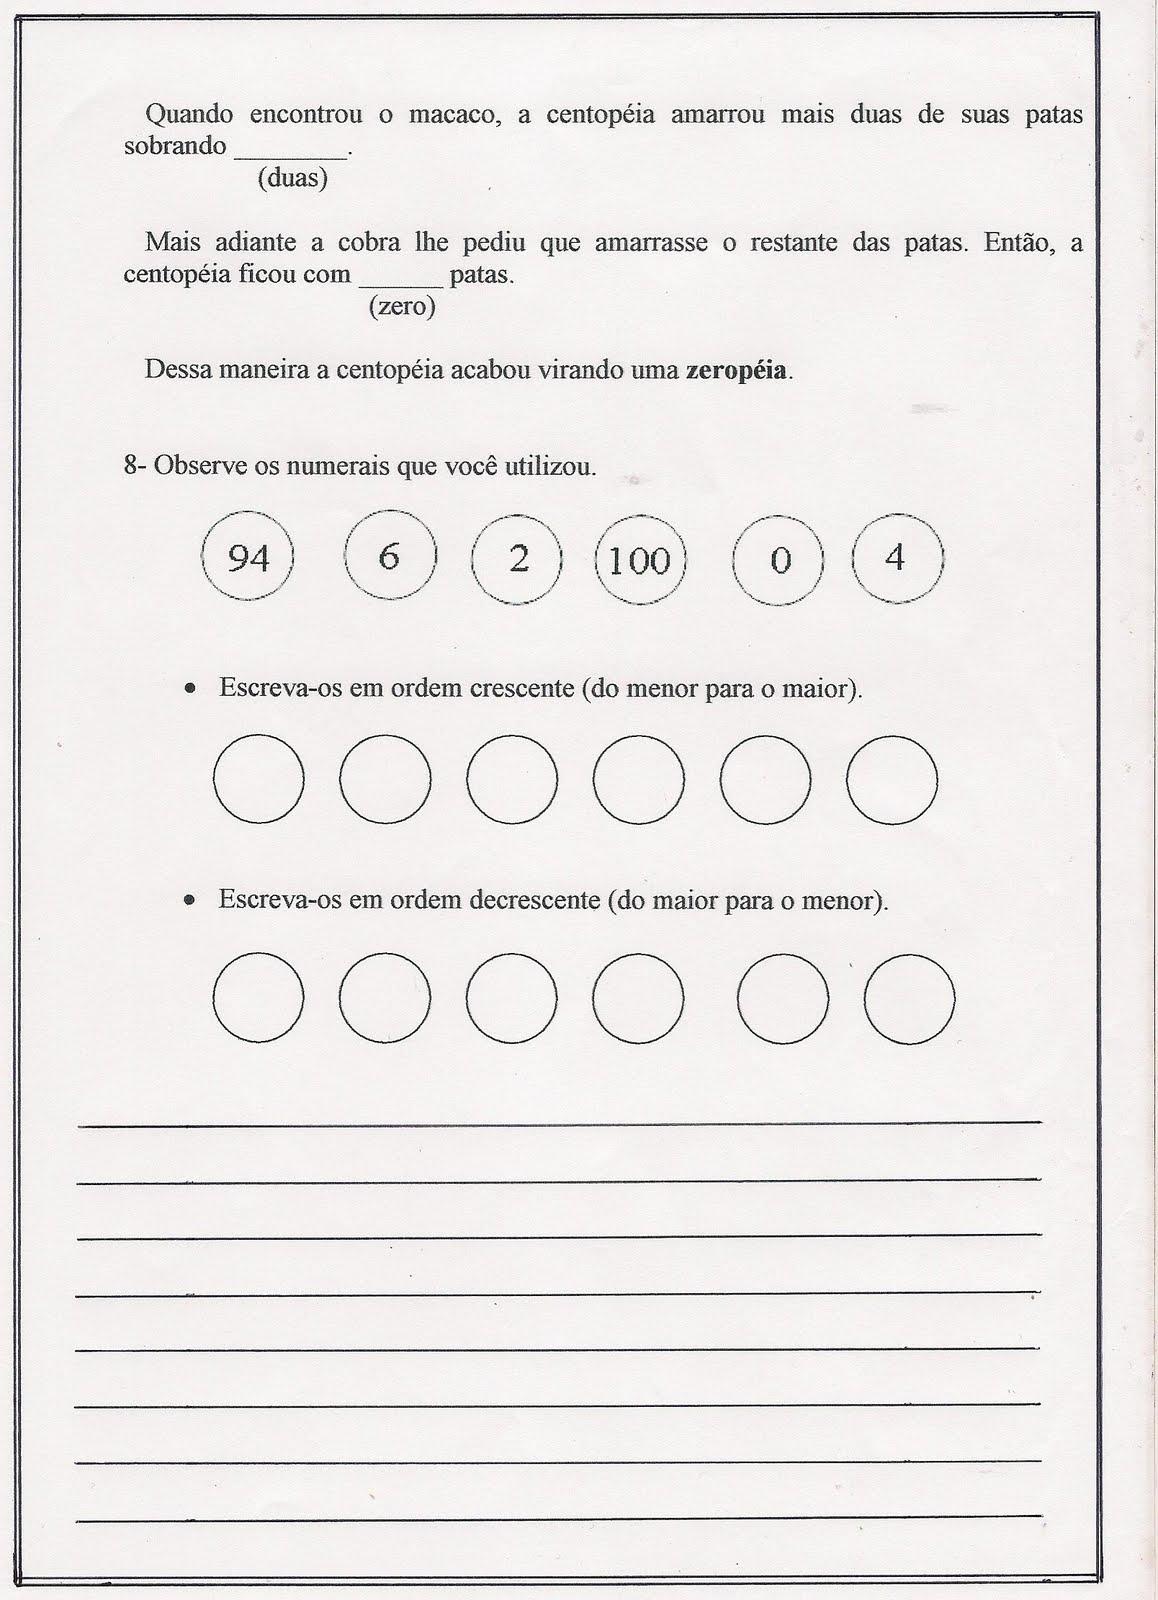 Uncios Livros De Texto As S Seville-3240